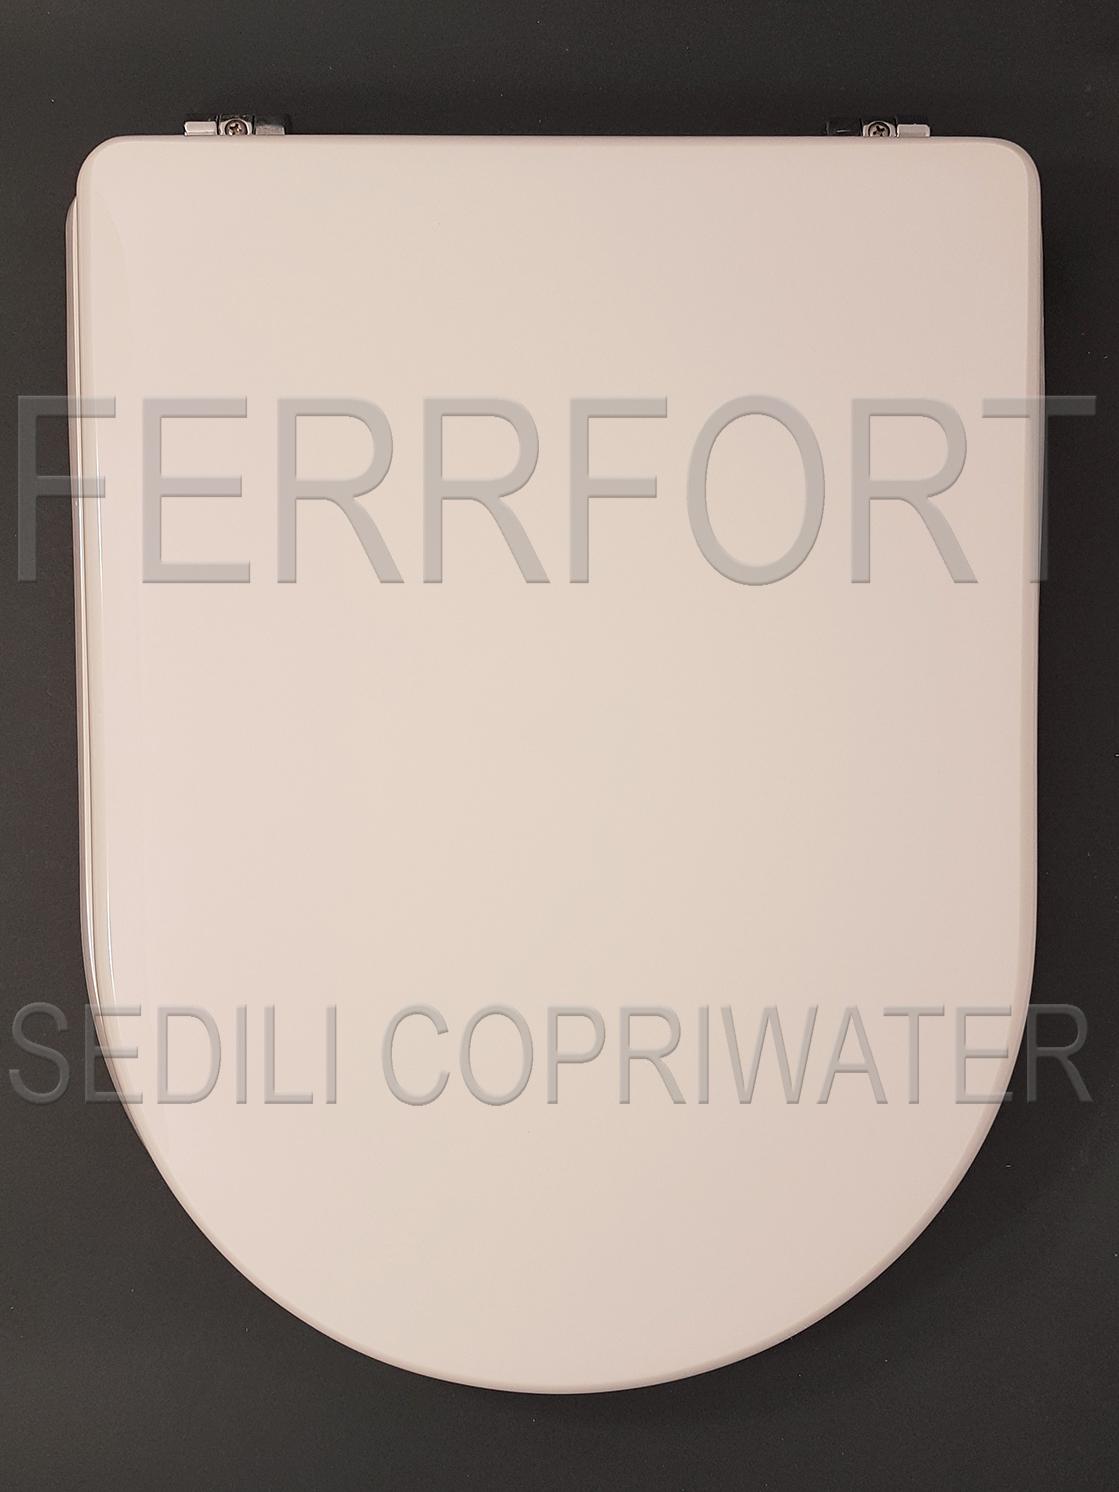 SEDILE COPRIWATER SFERA 52/54 CATALANO BIANCO